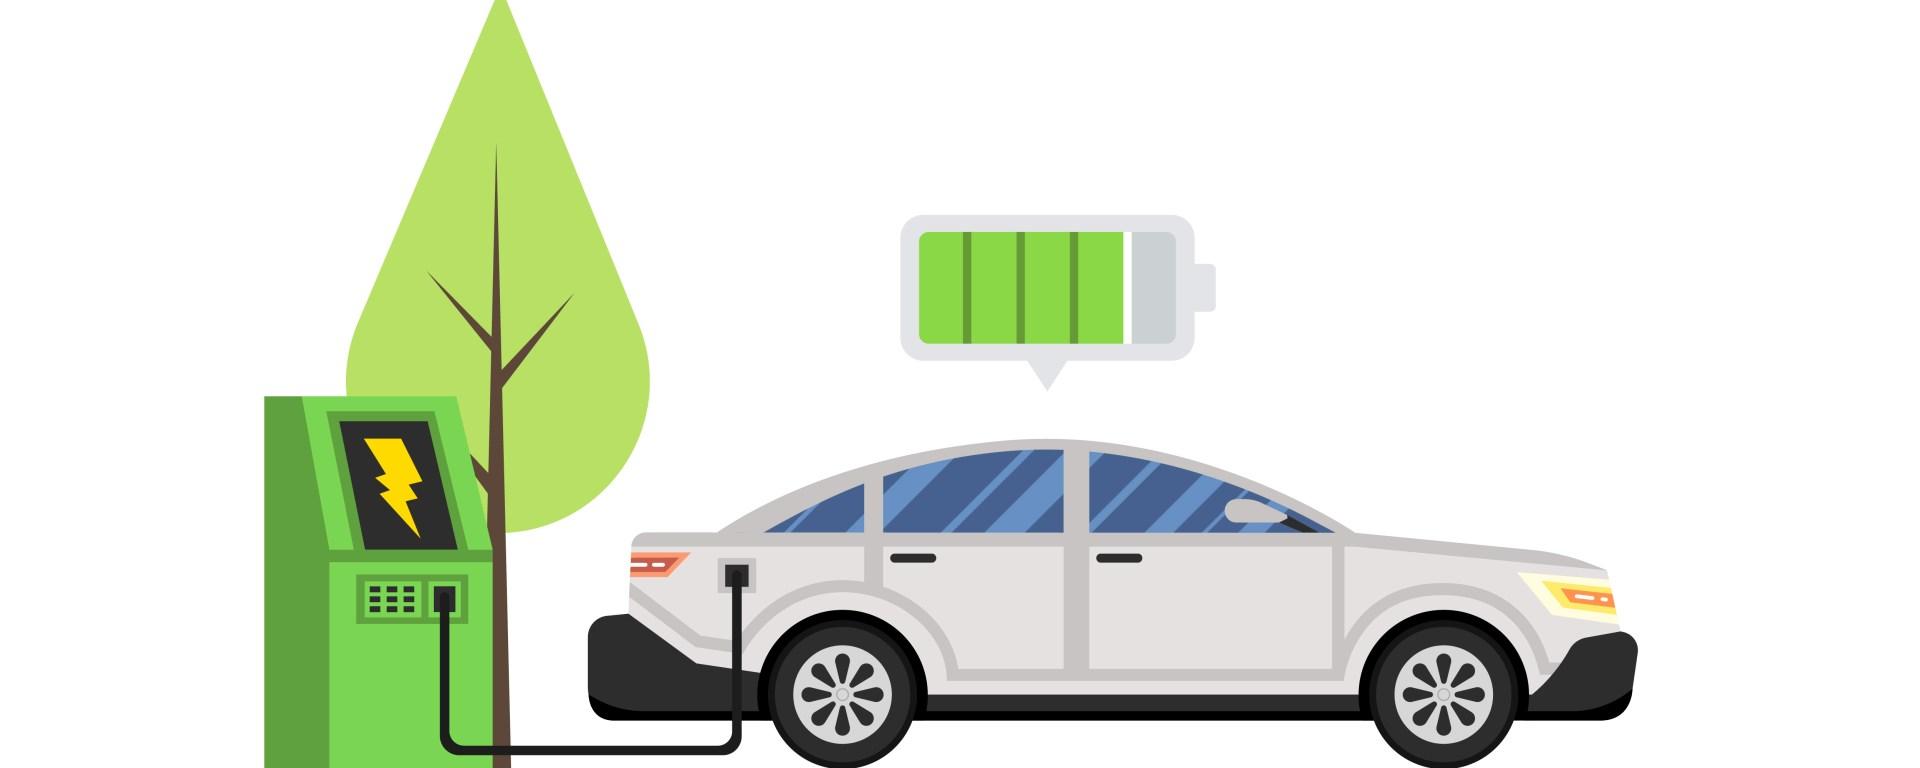 Top 5 electric vehicle brands in Belgium